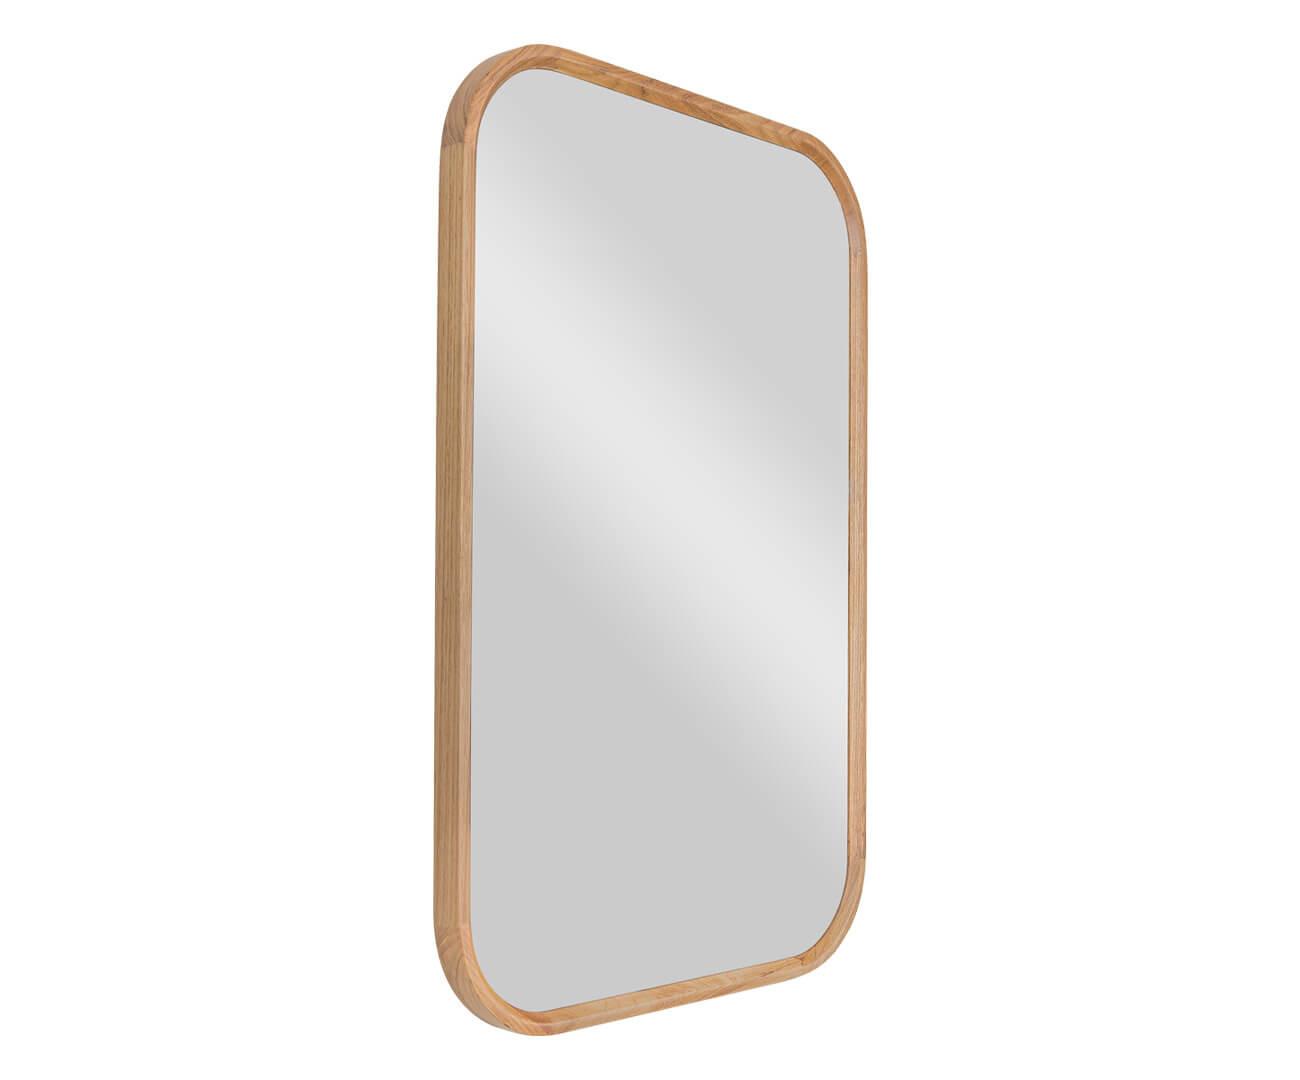 espelho retangular em madeira oslo 1345